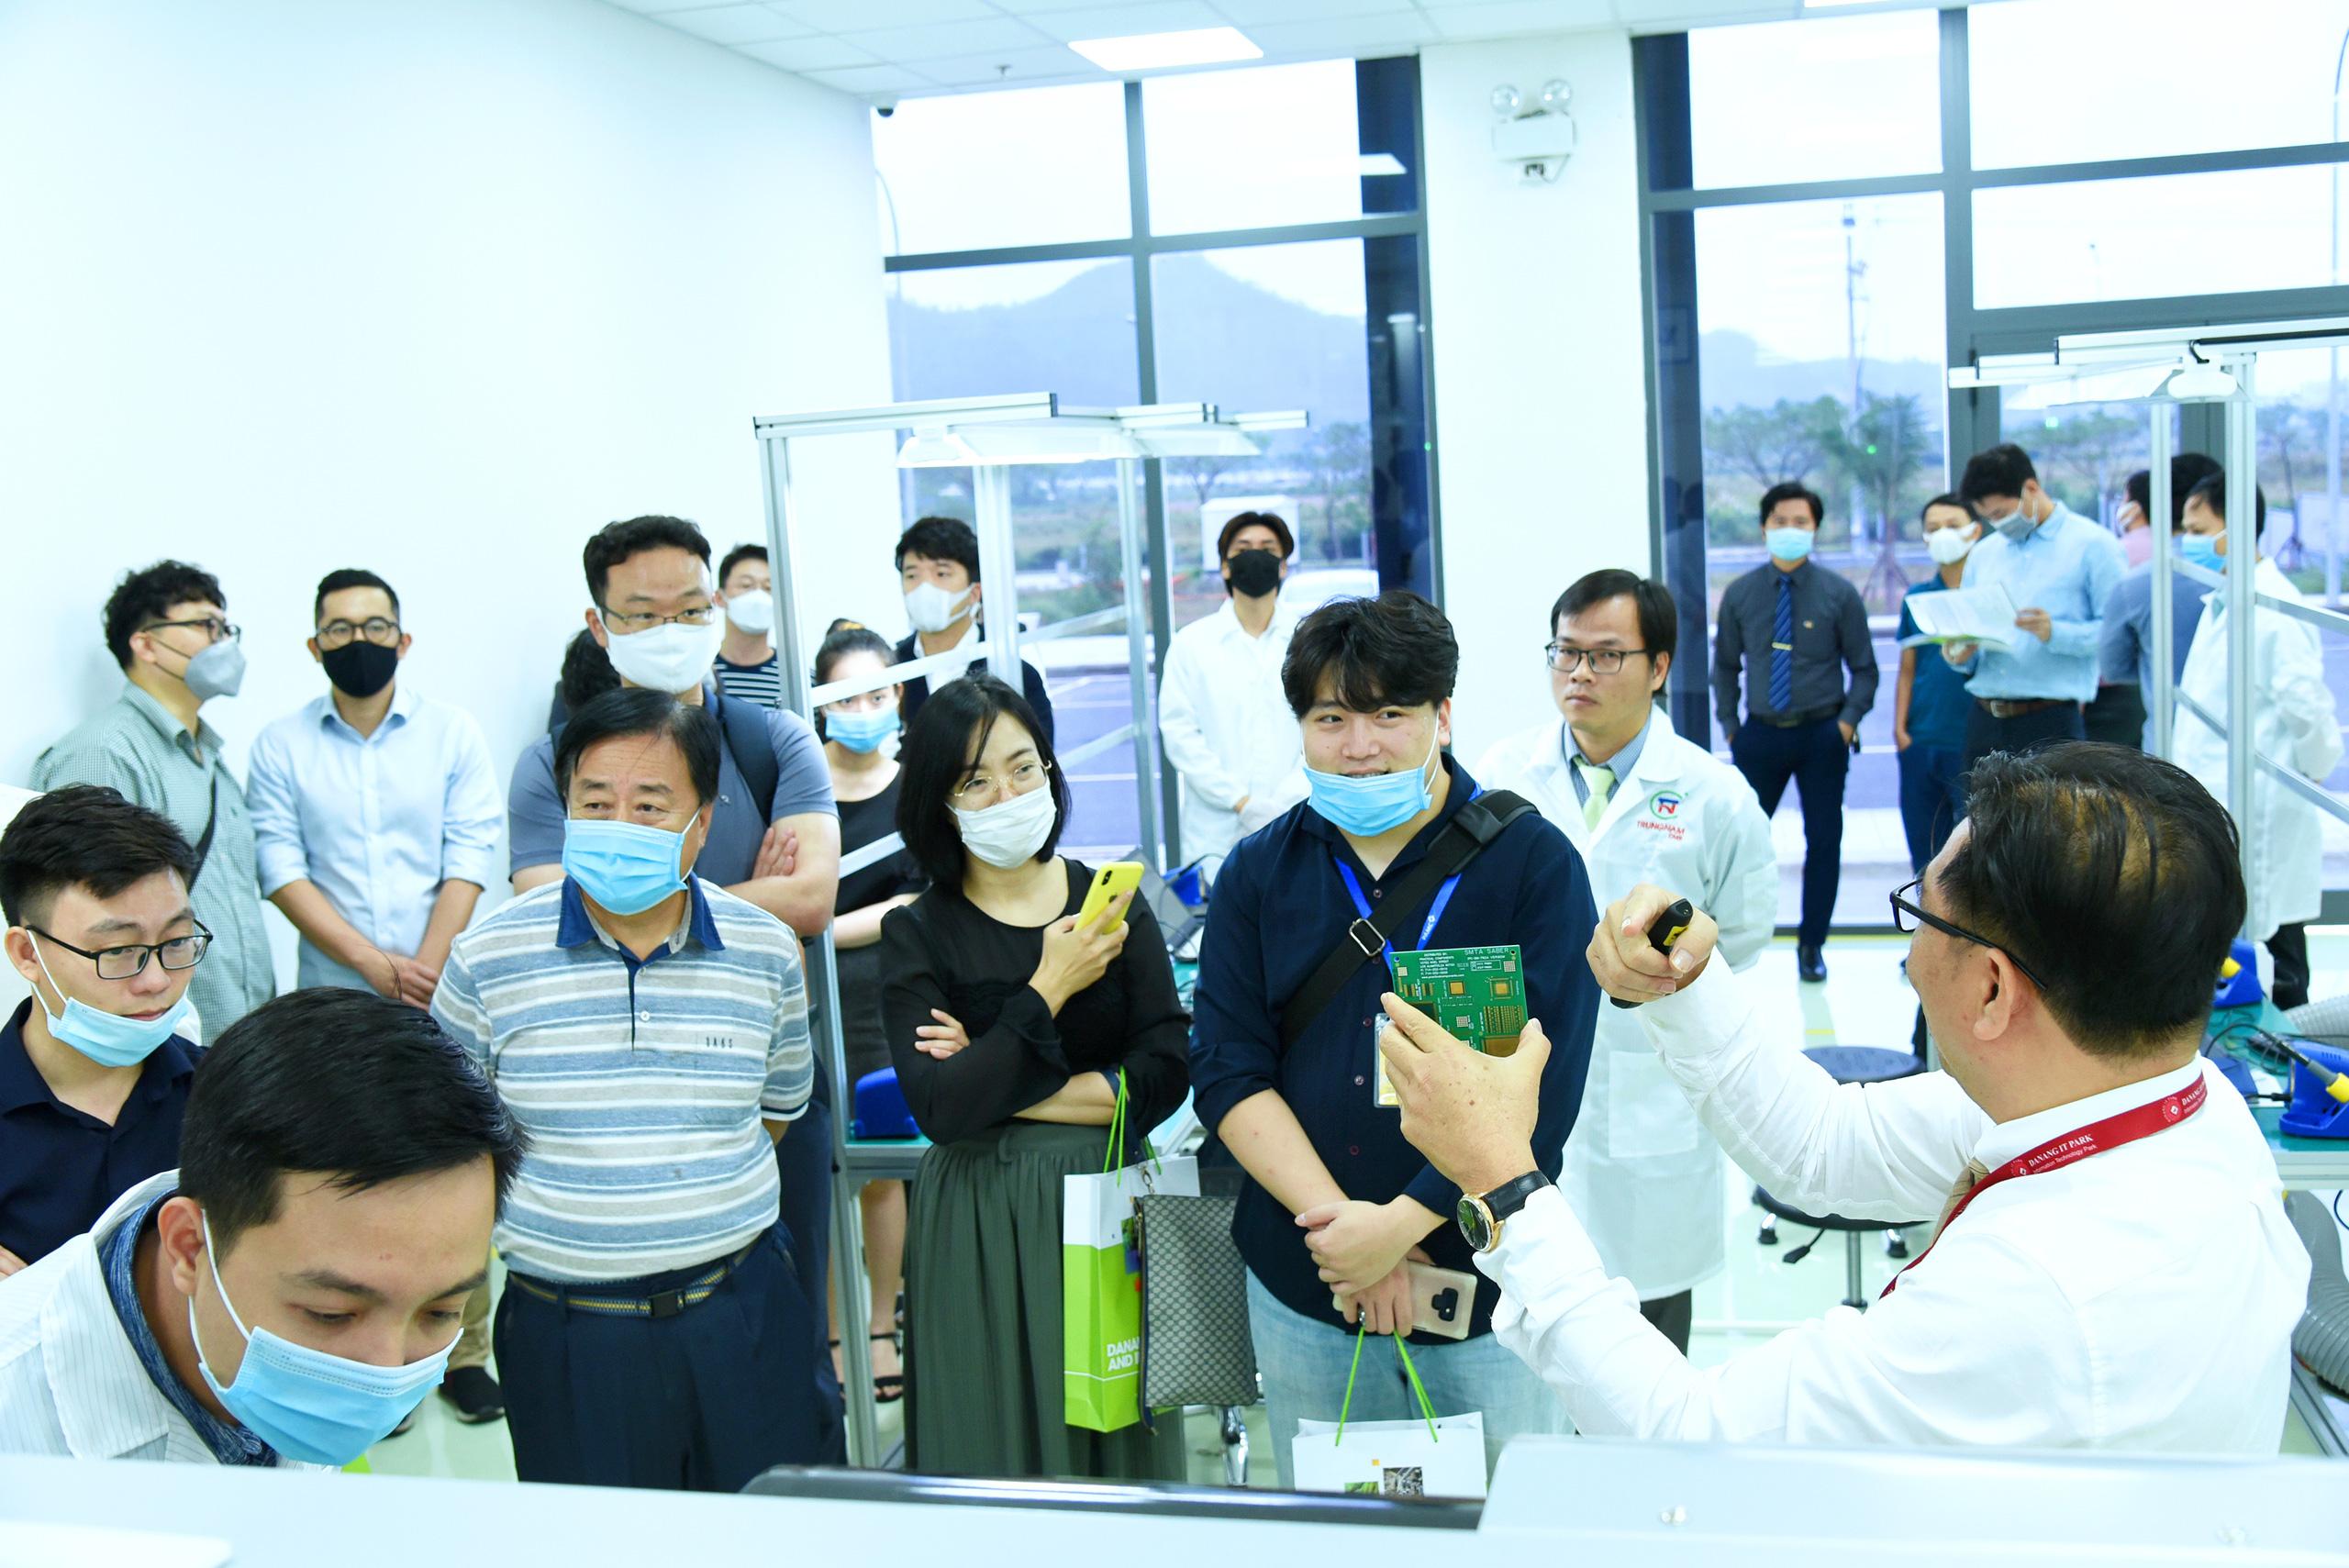 Gần 30 doanh nghiệp Hàn Quốc tìm kiếm cơ hội đầu tư tại 'thung lũng Silicon Đà Nẵng' - Ảnh 2.